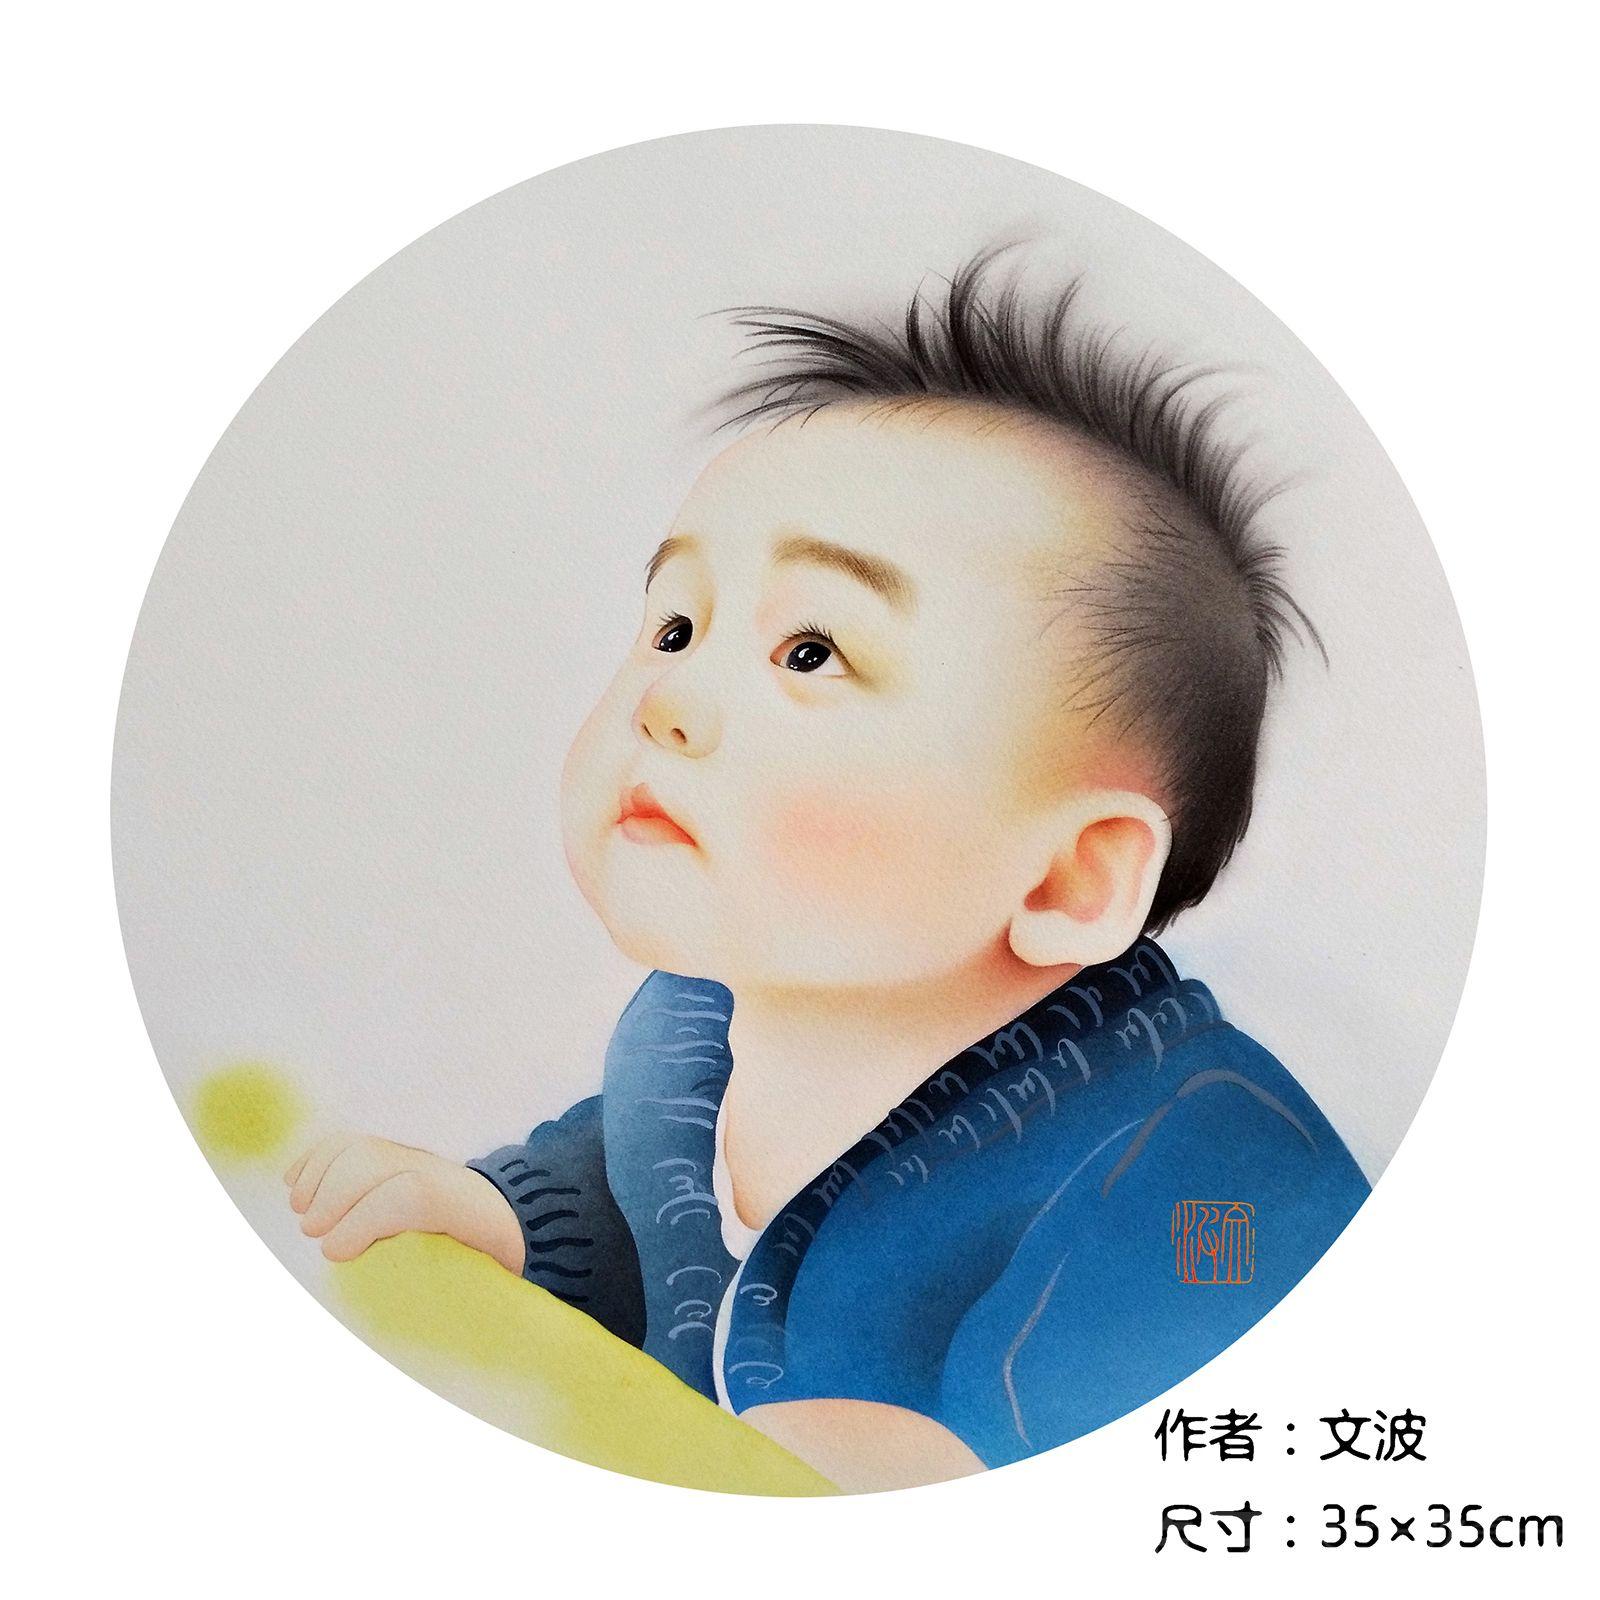 :长沙今日团购:【千绘画苑成人美术】水彩、彩铅单人零基础体验课